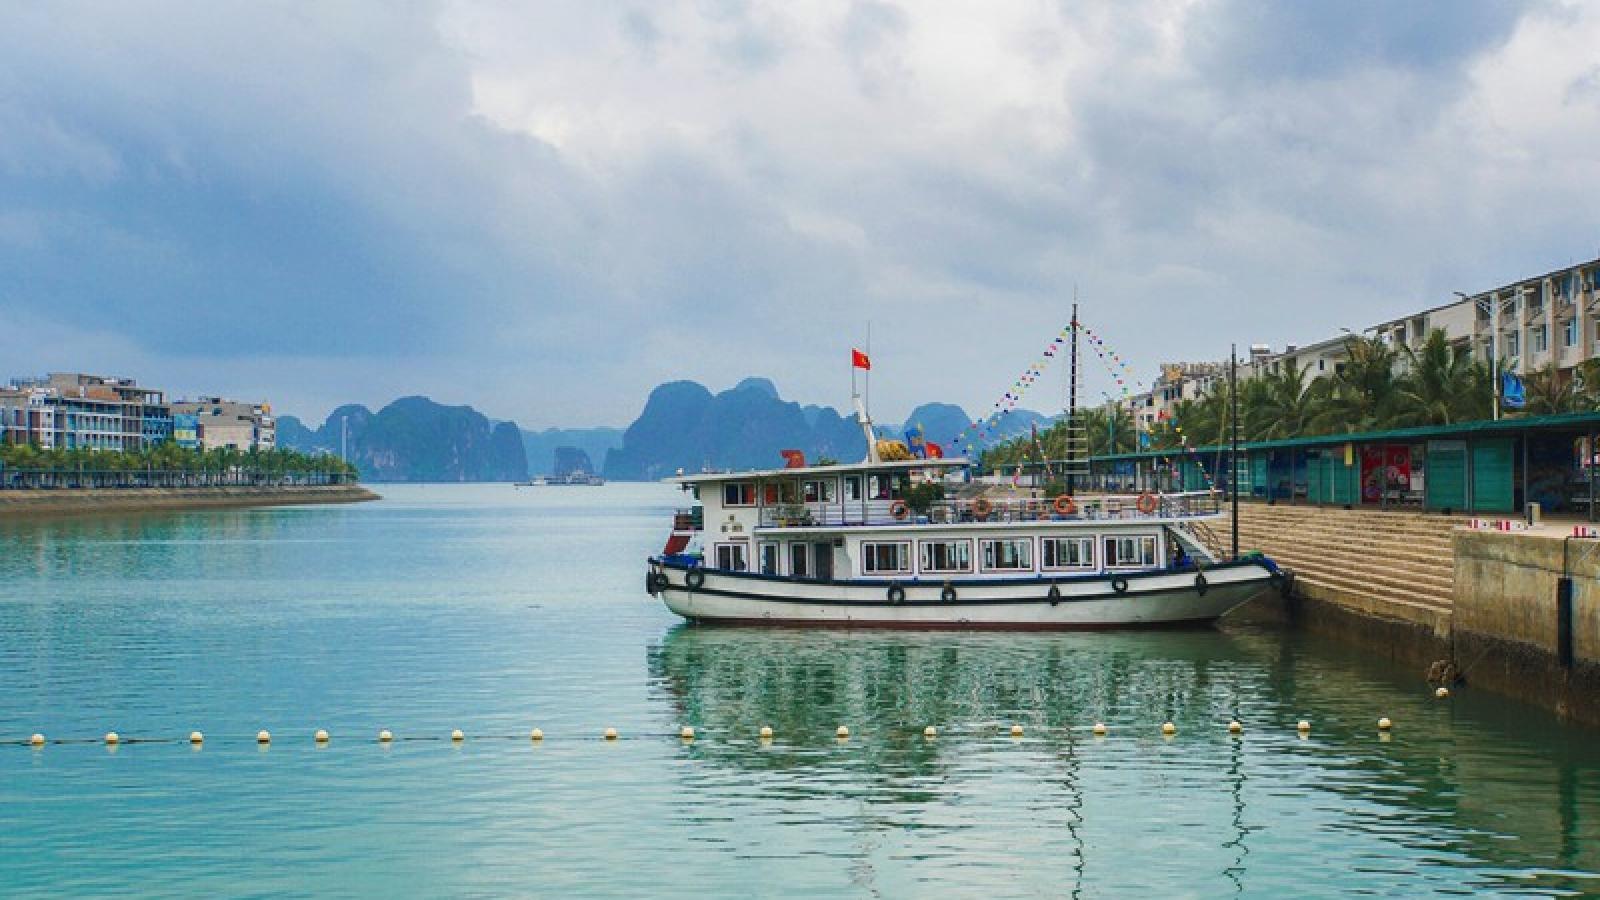 Các điểm du lịch tại Quảng Ninh sẵn sàng hoạt động trở lại